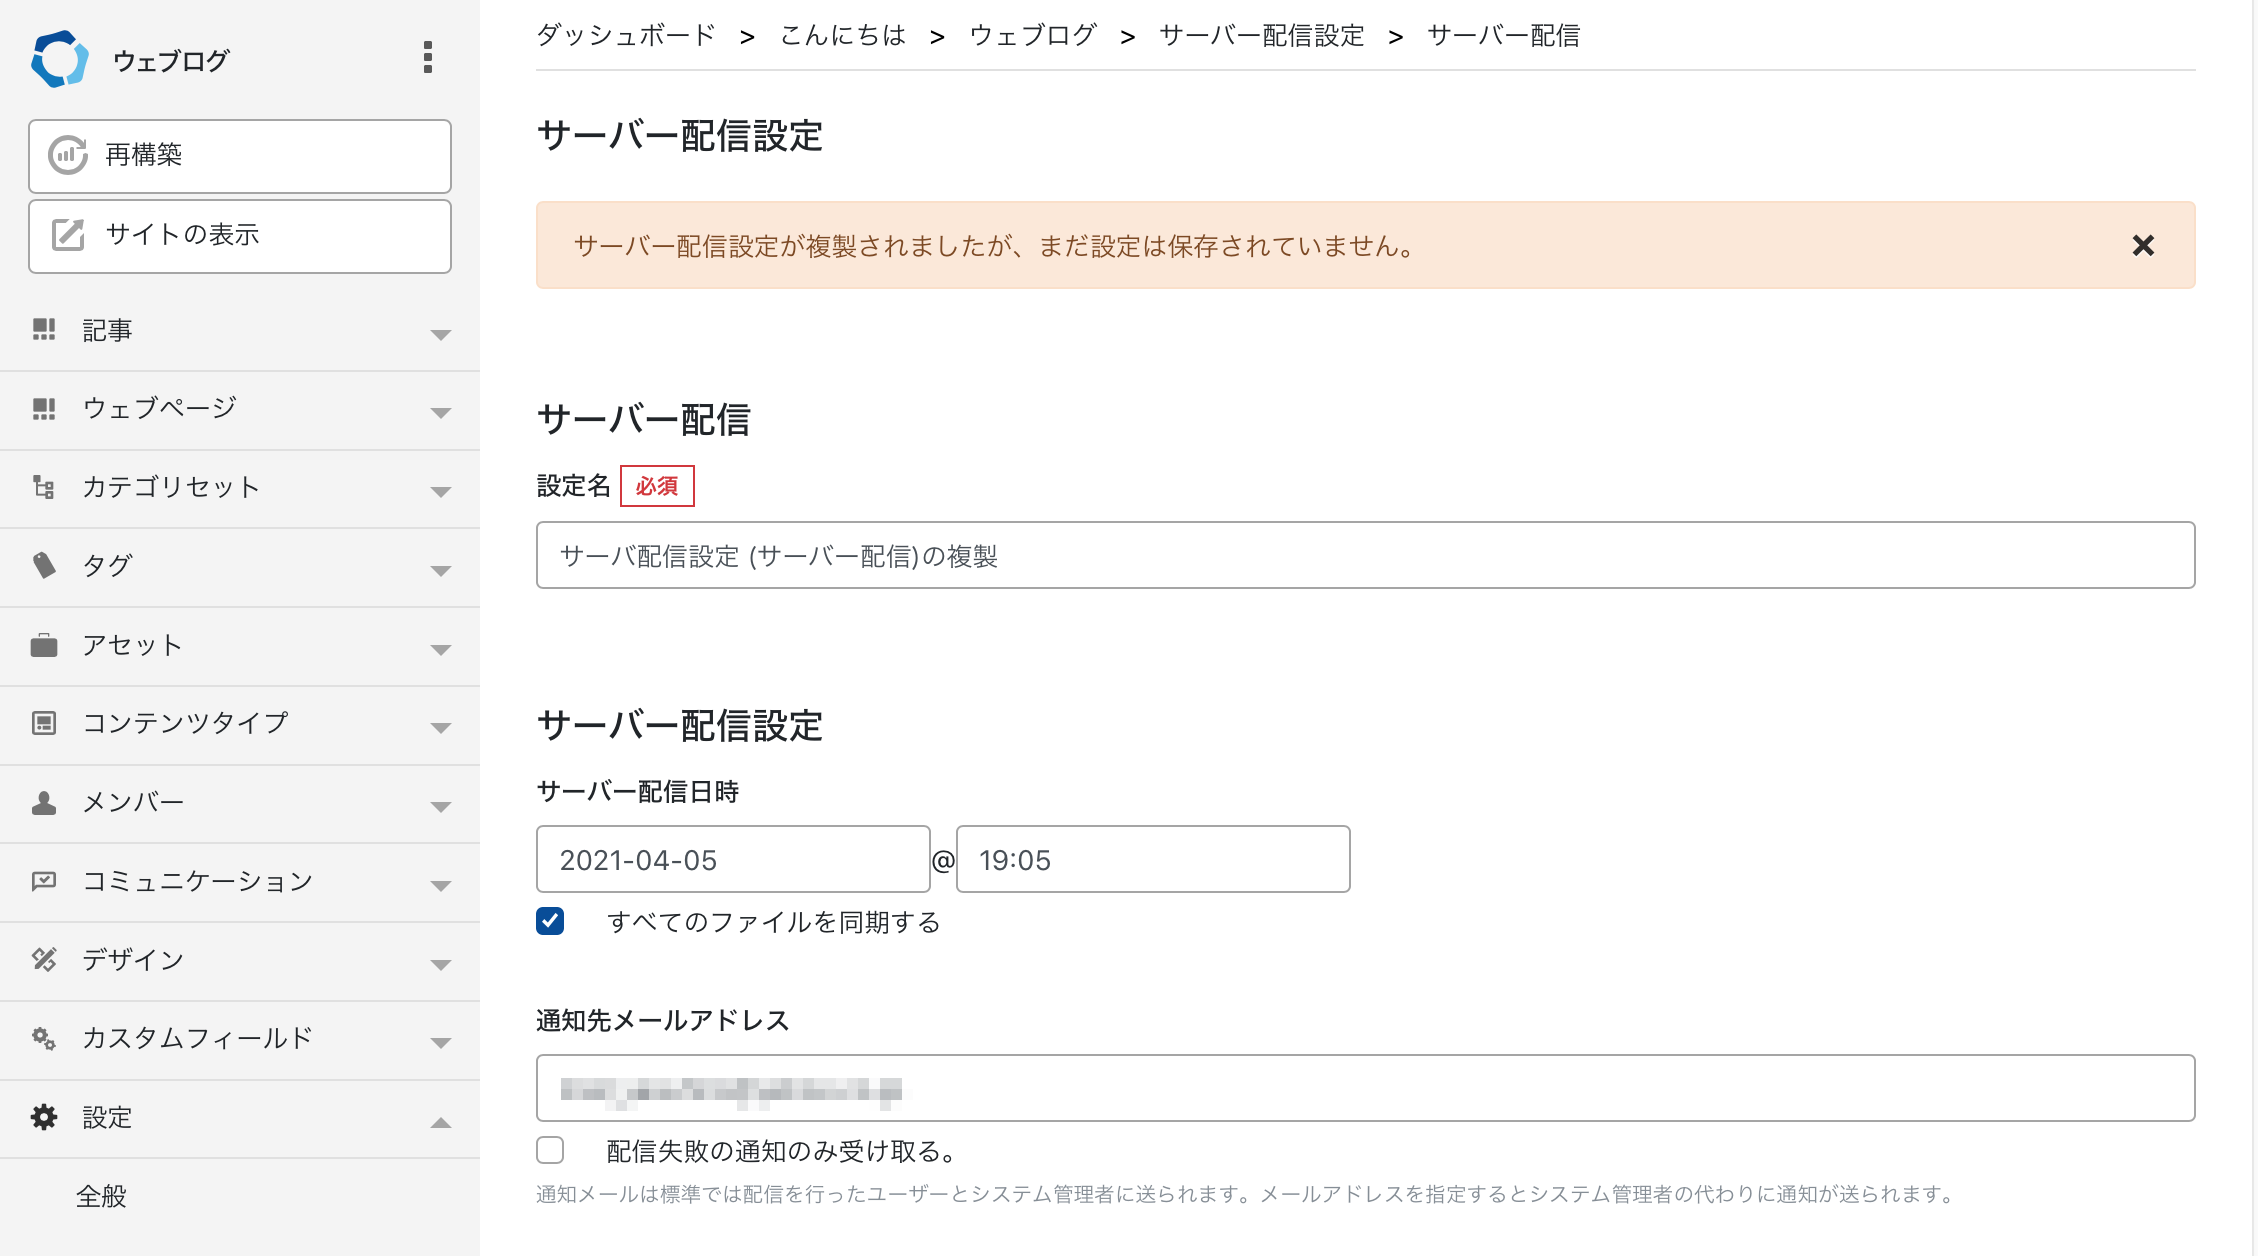 登録済みのサーバー配信設定を複製する